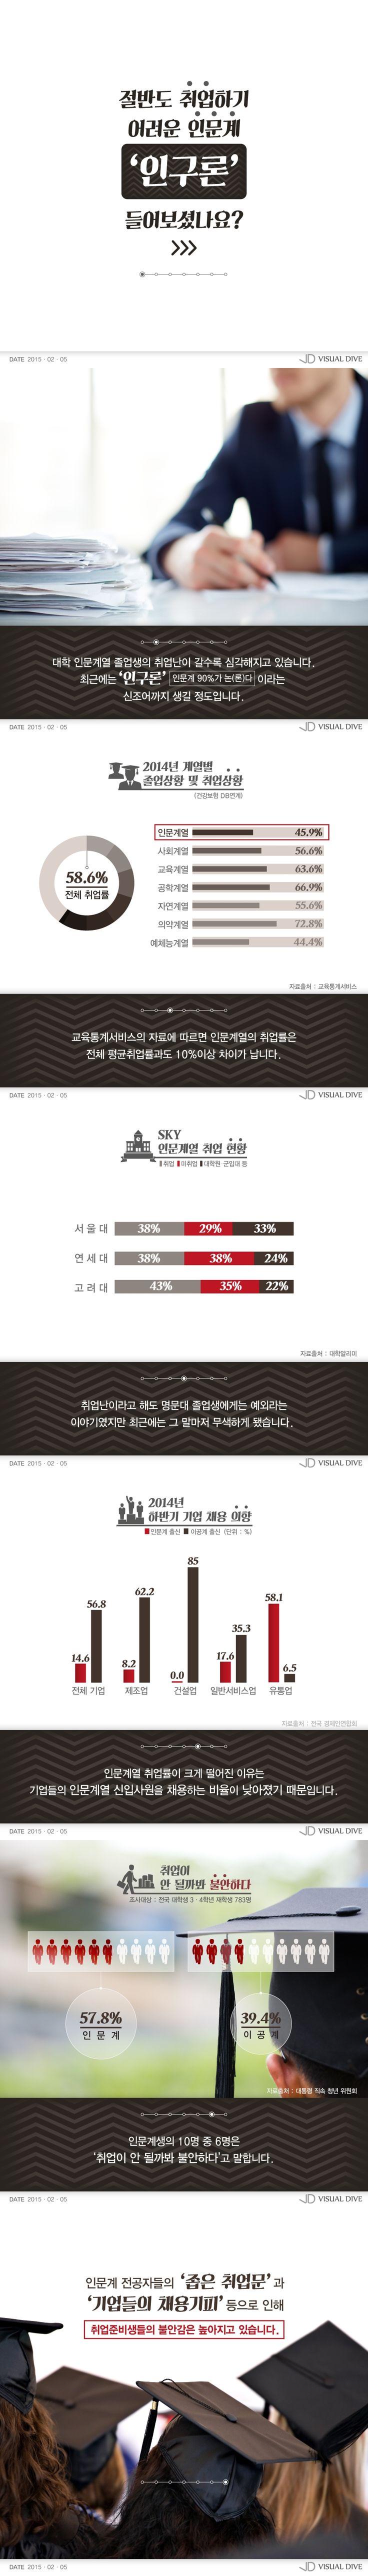 [카드뉴스] 'SKY'도 3명 중 1명만 취업…'인구론' 들어보셨나요? [인포그래픽] #career / #Infographic ⓒ 비주얼다이브 무단 복사·전재·재배포 금지